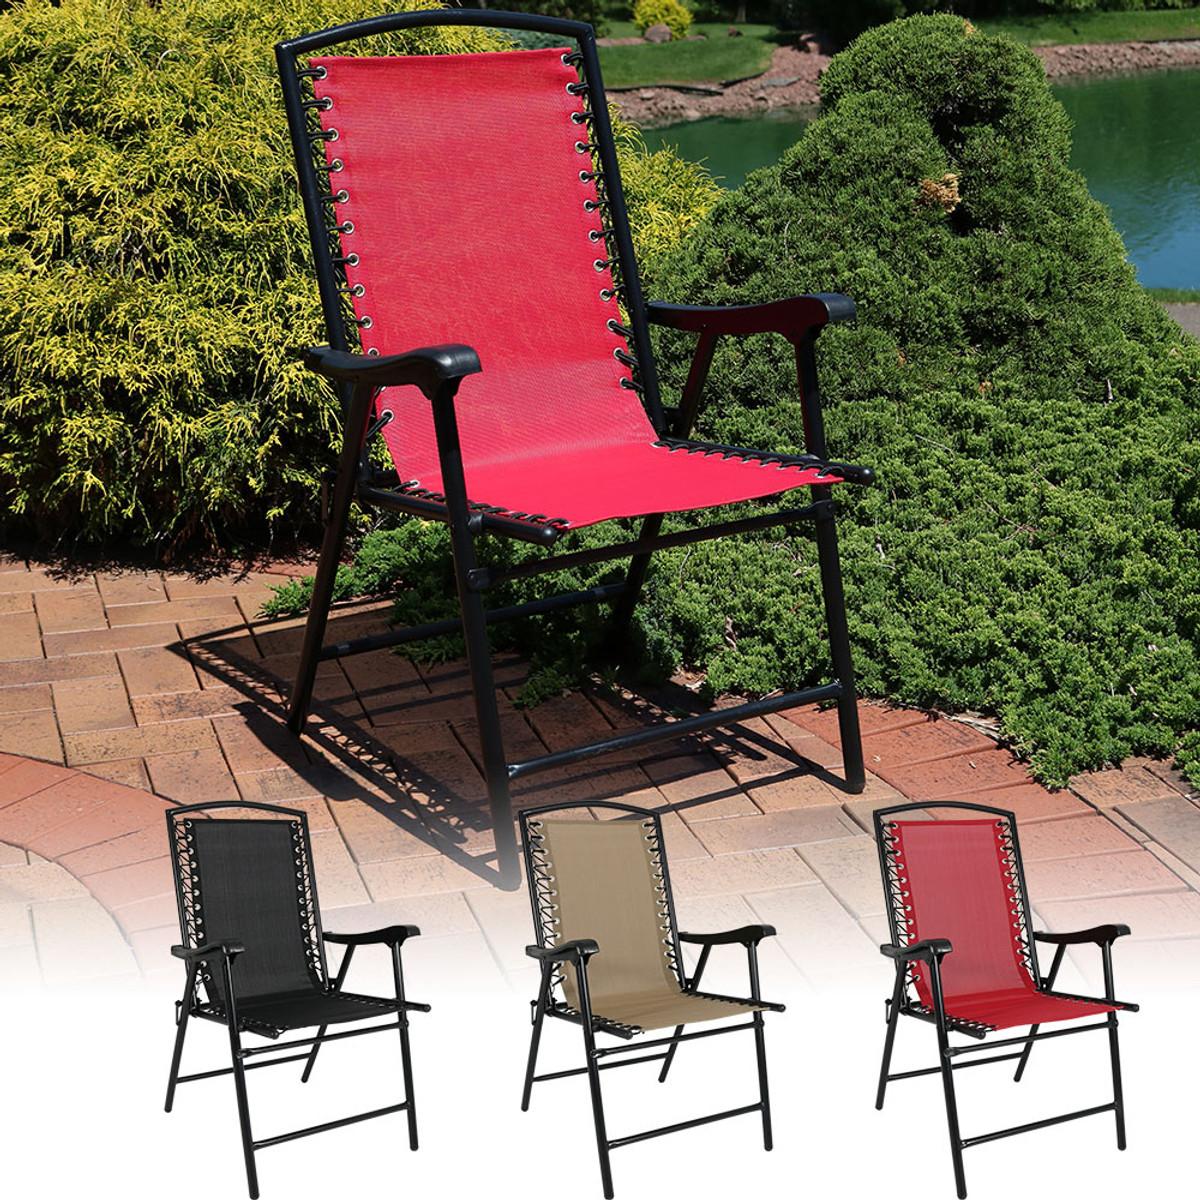 Tremendous Sunnydaze Mesh Outdoor Suspension Folding Patio Lounge Chair Spiritservingveterans Wood Chair Design Ideas Spiritservingveteransorg